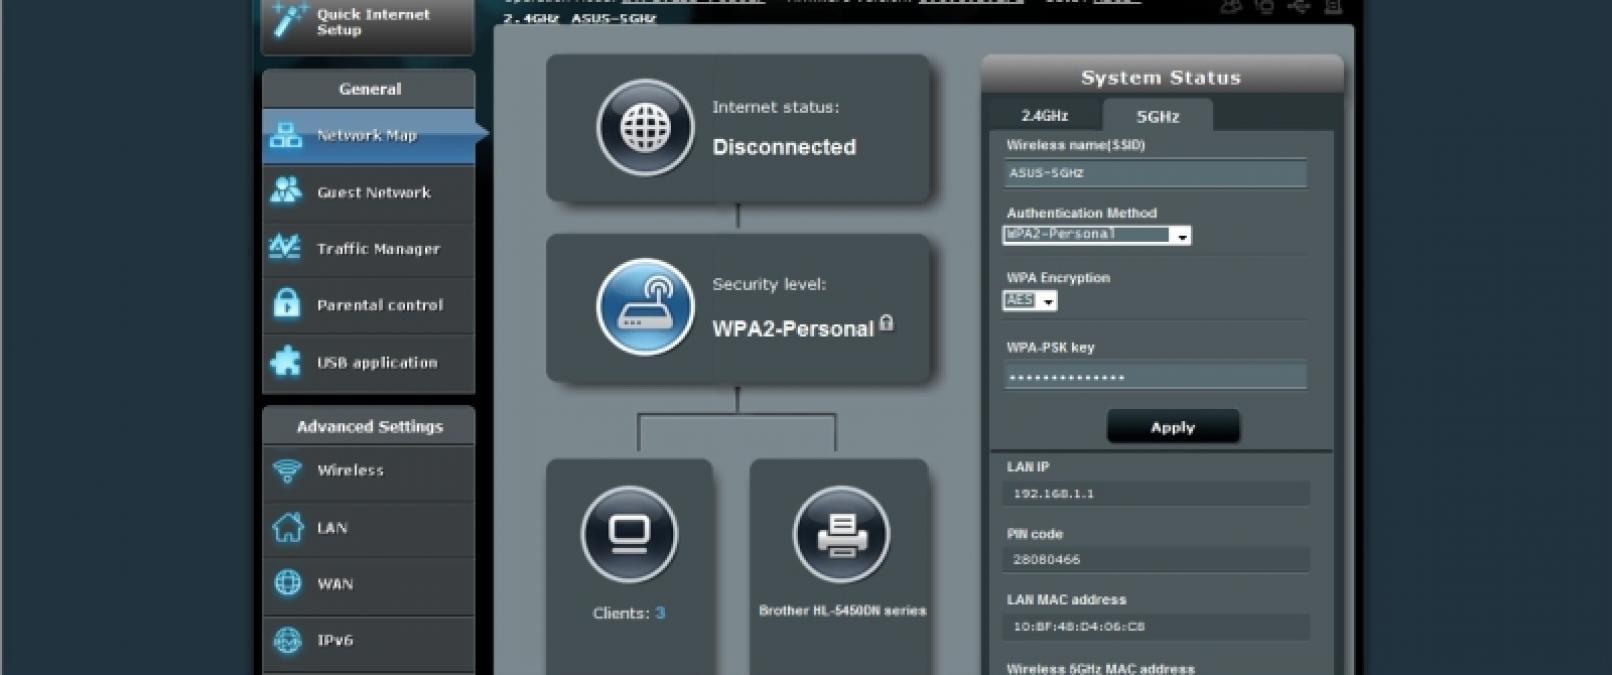 Asus RT-N66U Screenshot